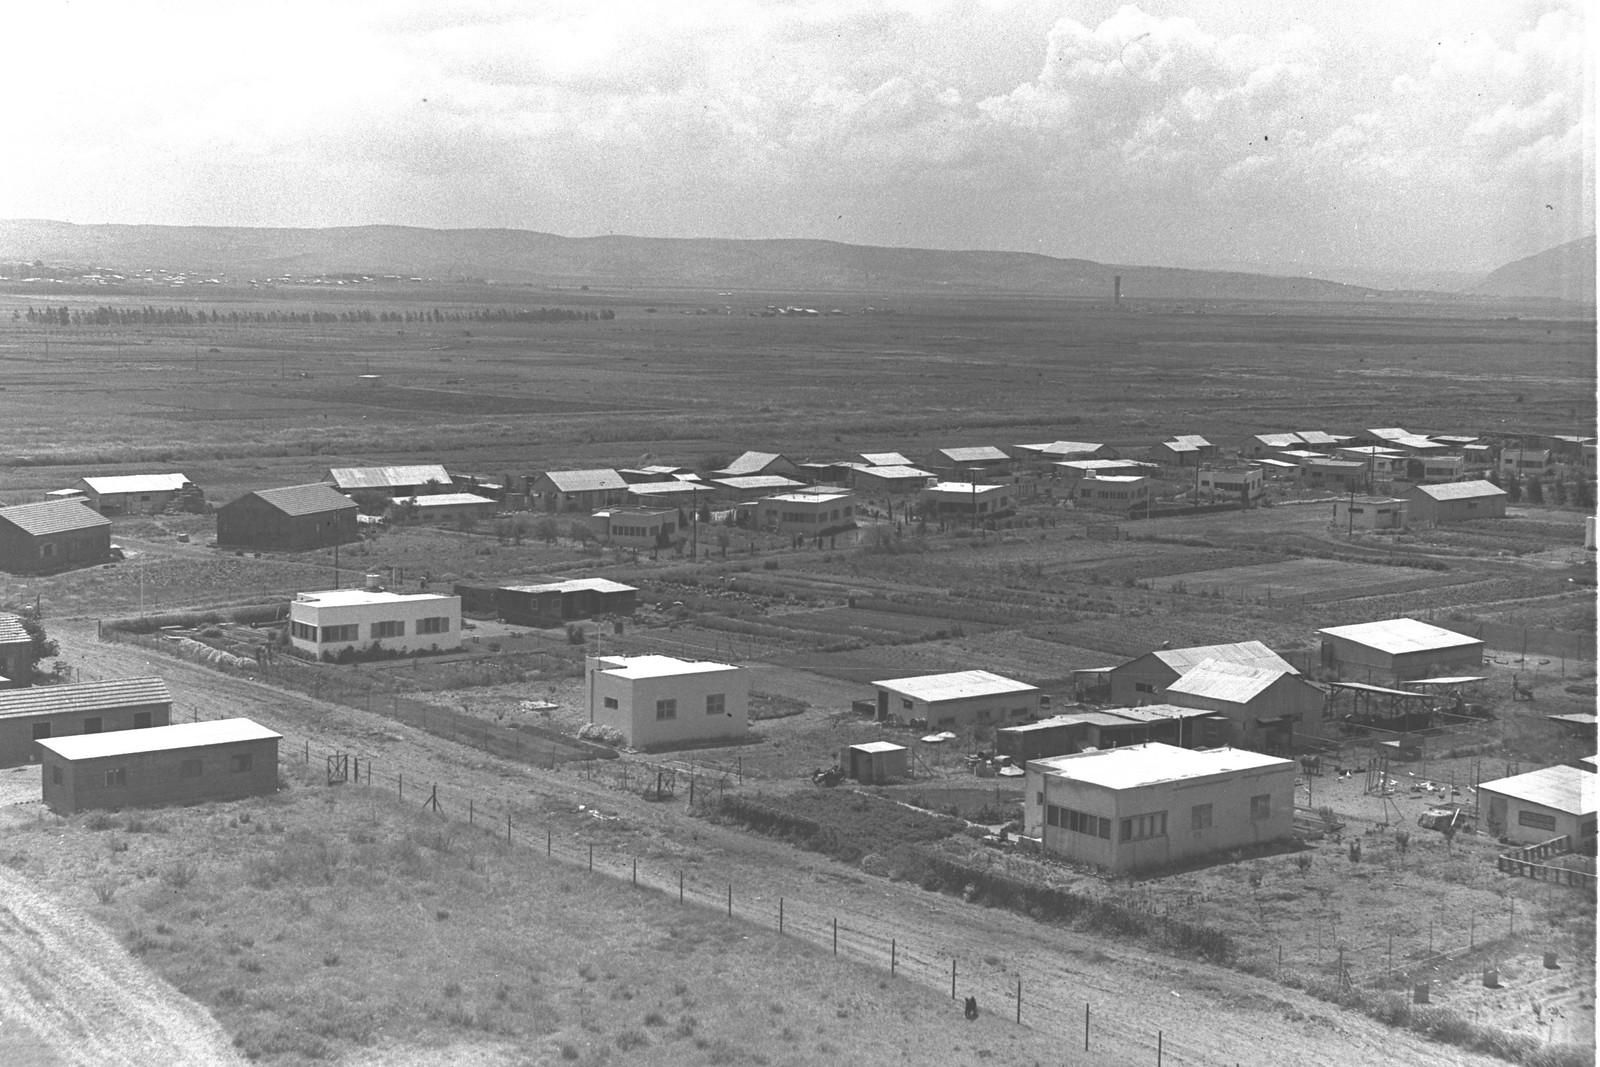 1938. Окрестности Хайфы. Поселение возле Хайфского залива